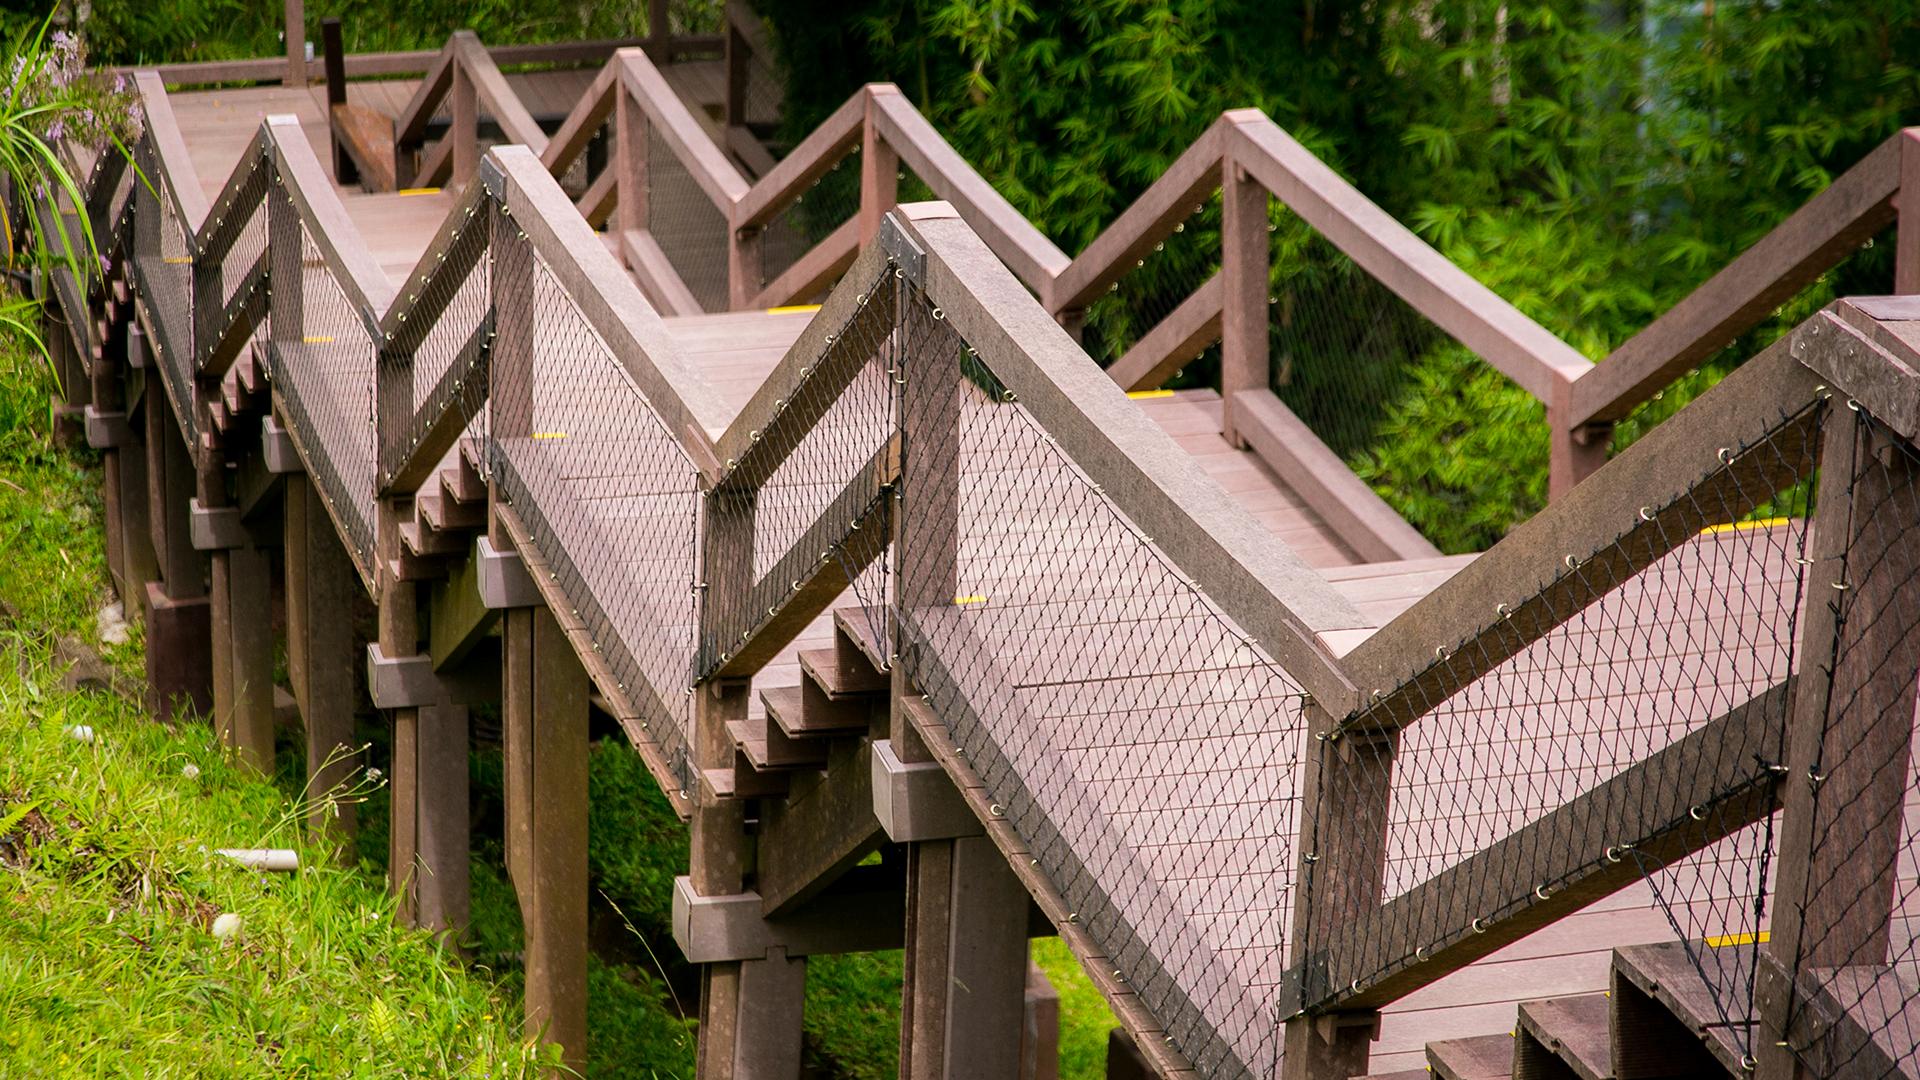 A madeira biossintética pode ser manuseada e trabalhada como a madeira natural, sendo utilizada em diversas construções, como escadas